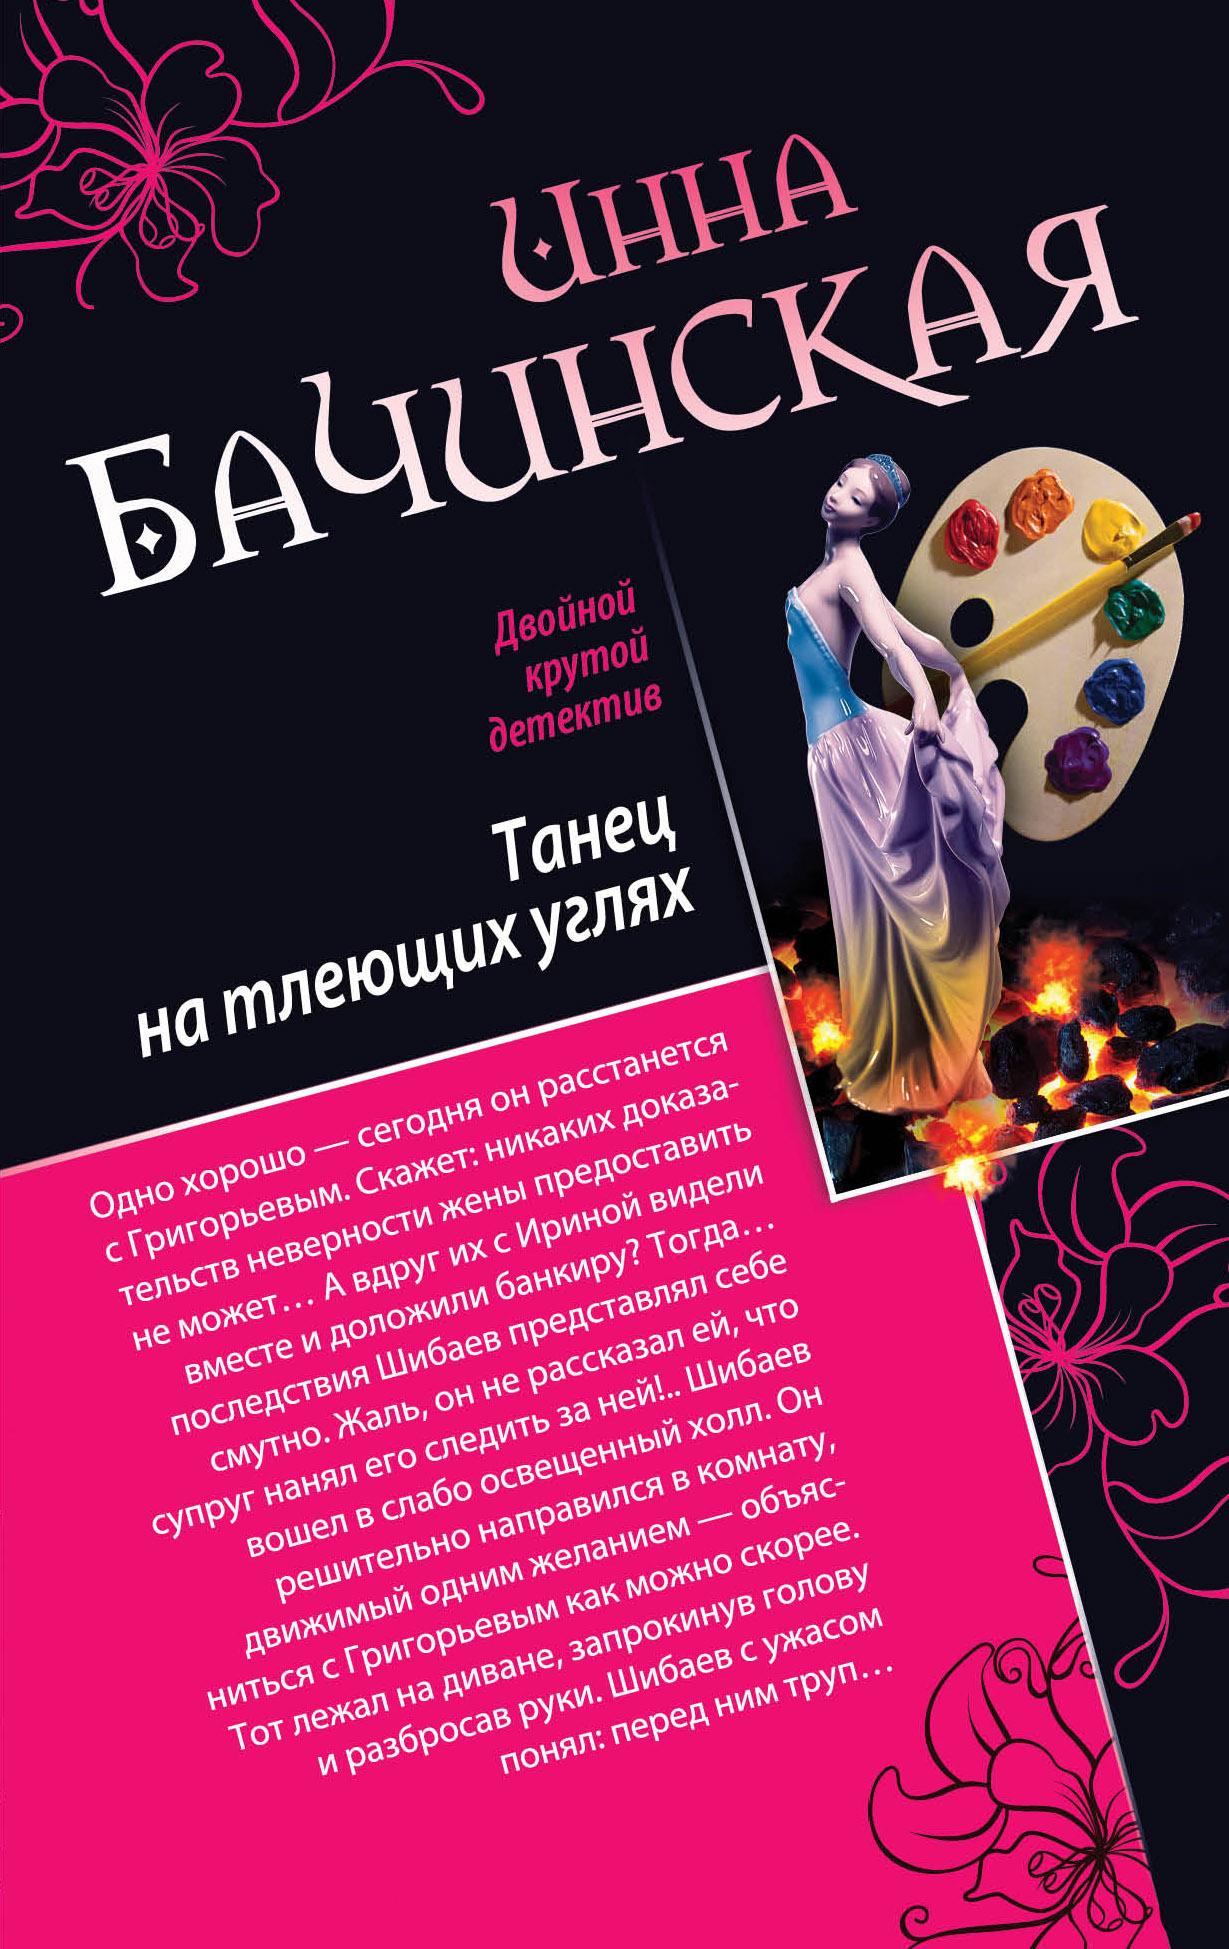 Танец на тлеющих углях. Убийца манекенов от book24.ru